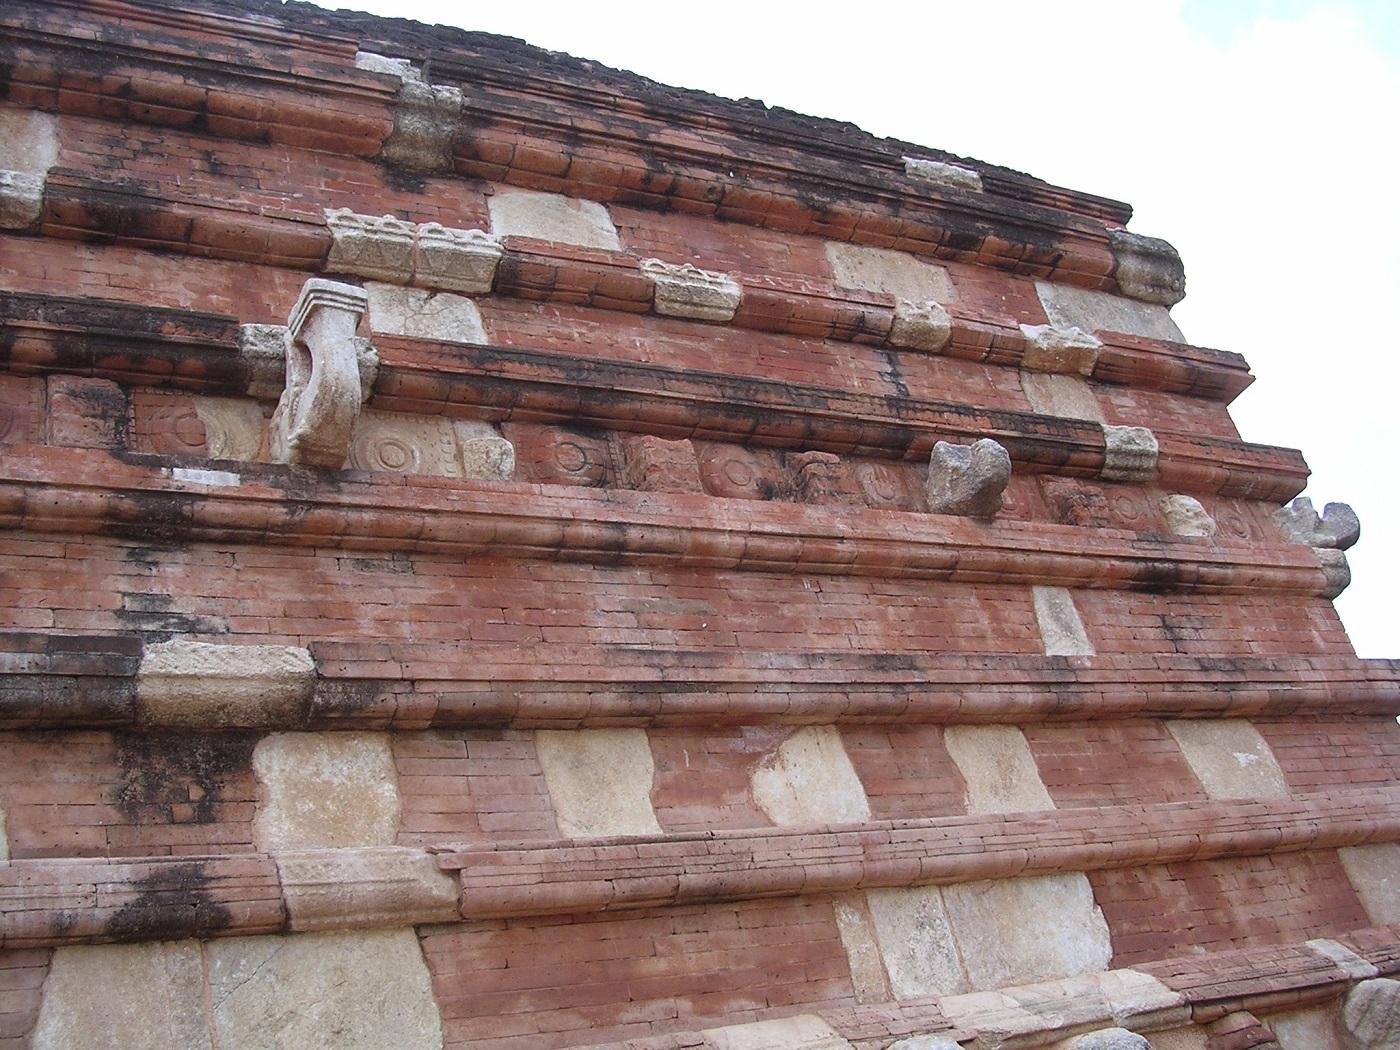 93 de milioane de cărămizi au fost necesare pentru ridicarea Templului Jetavanaramaya